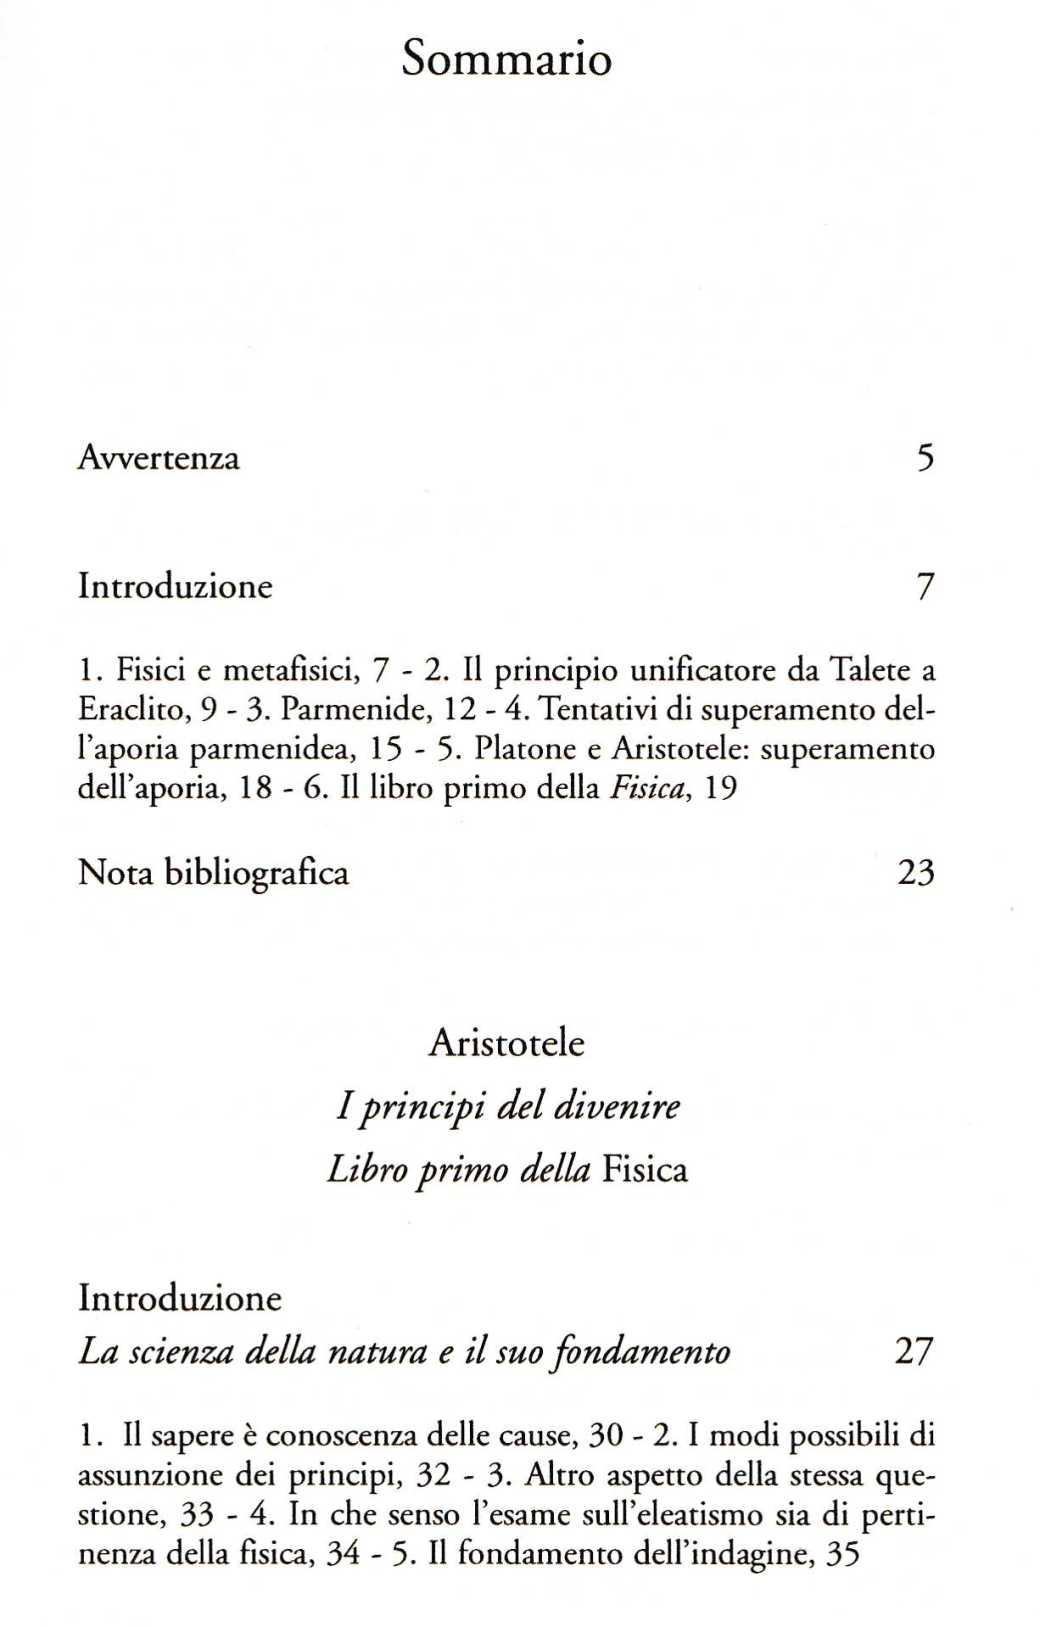 aristotele divenire189